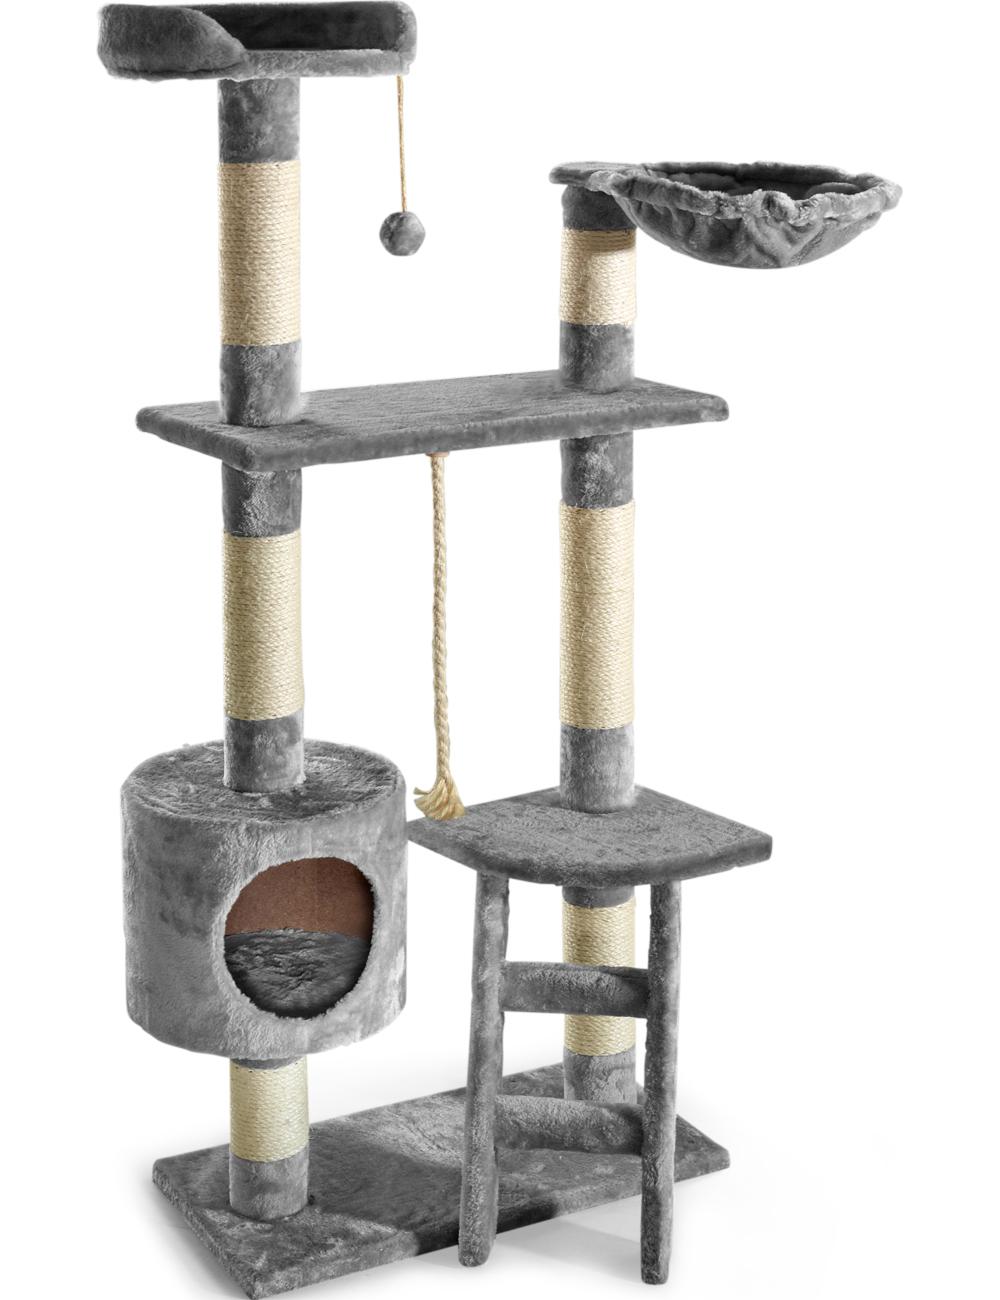 arbre chats avec chelle hamac et niche gris. Black Bedroom Furniture Sets. Home Design Ideas